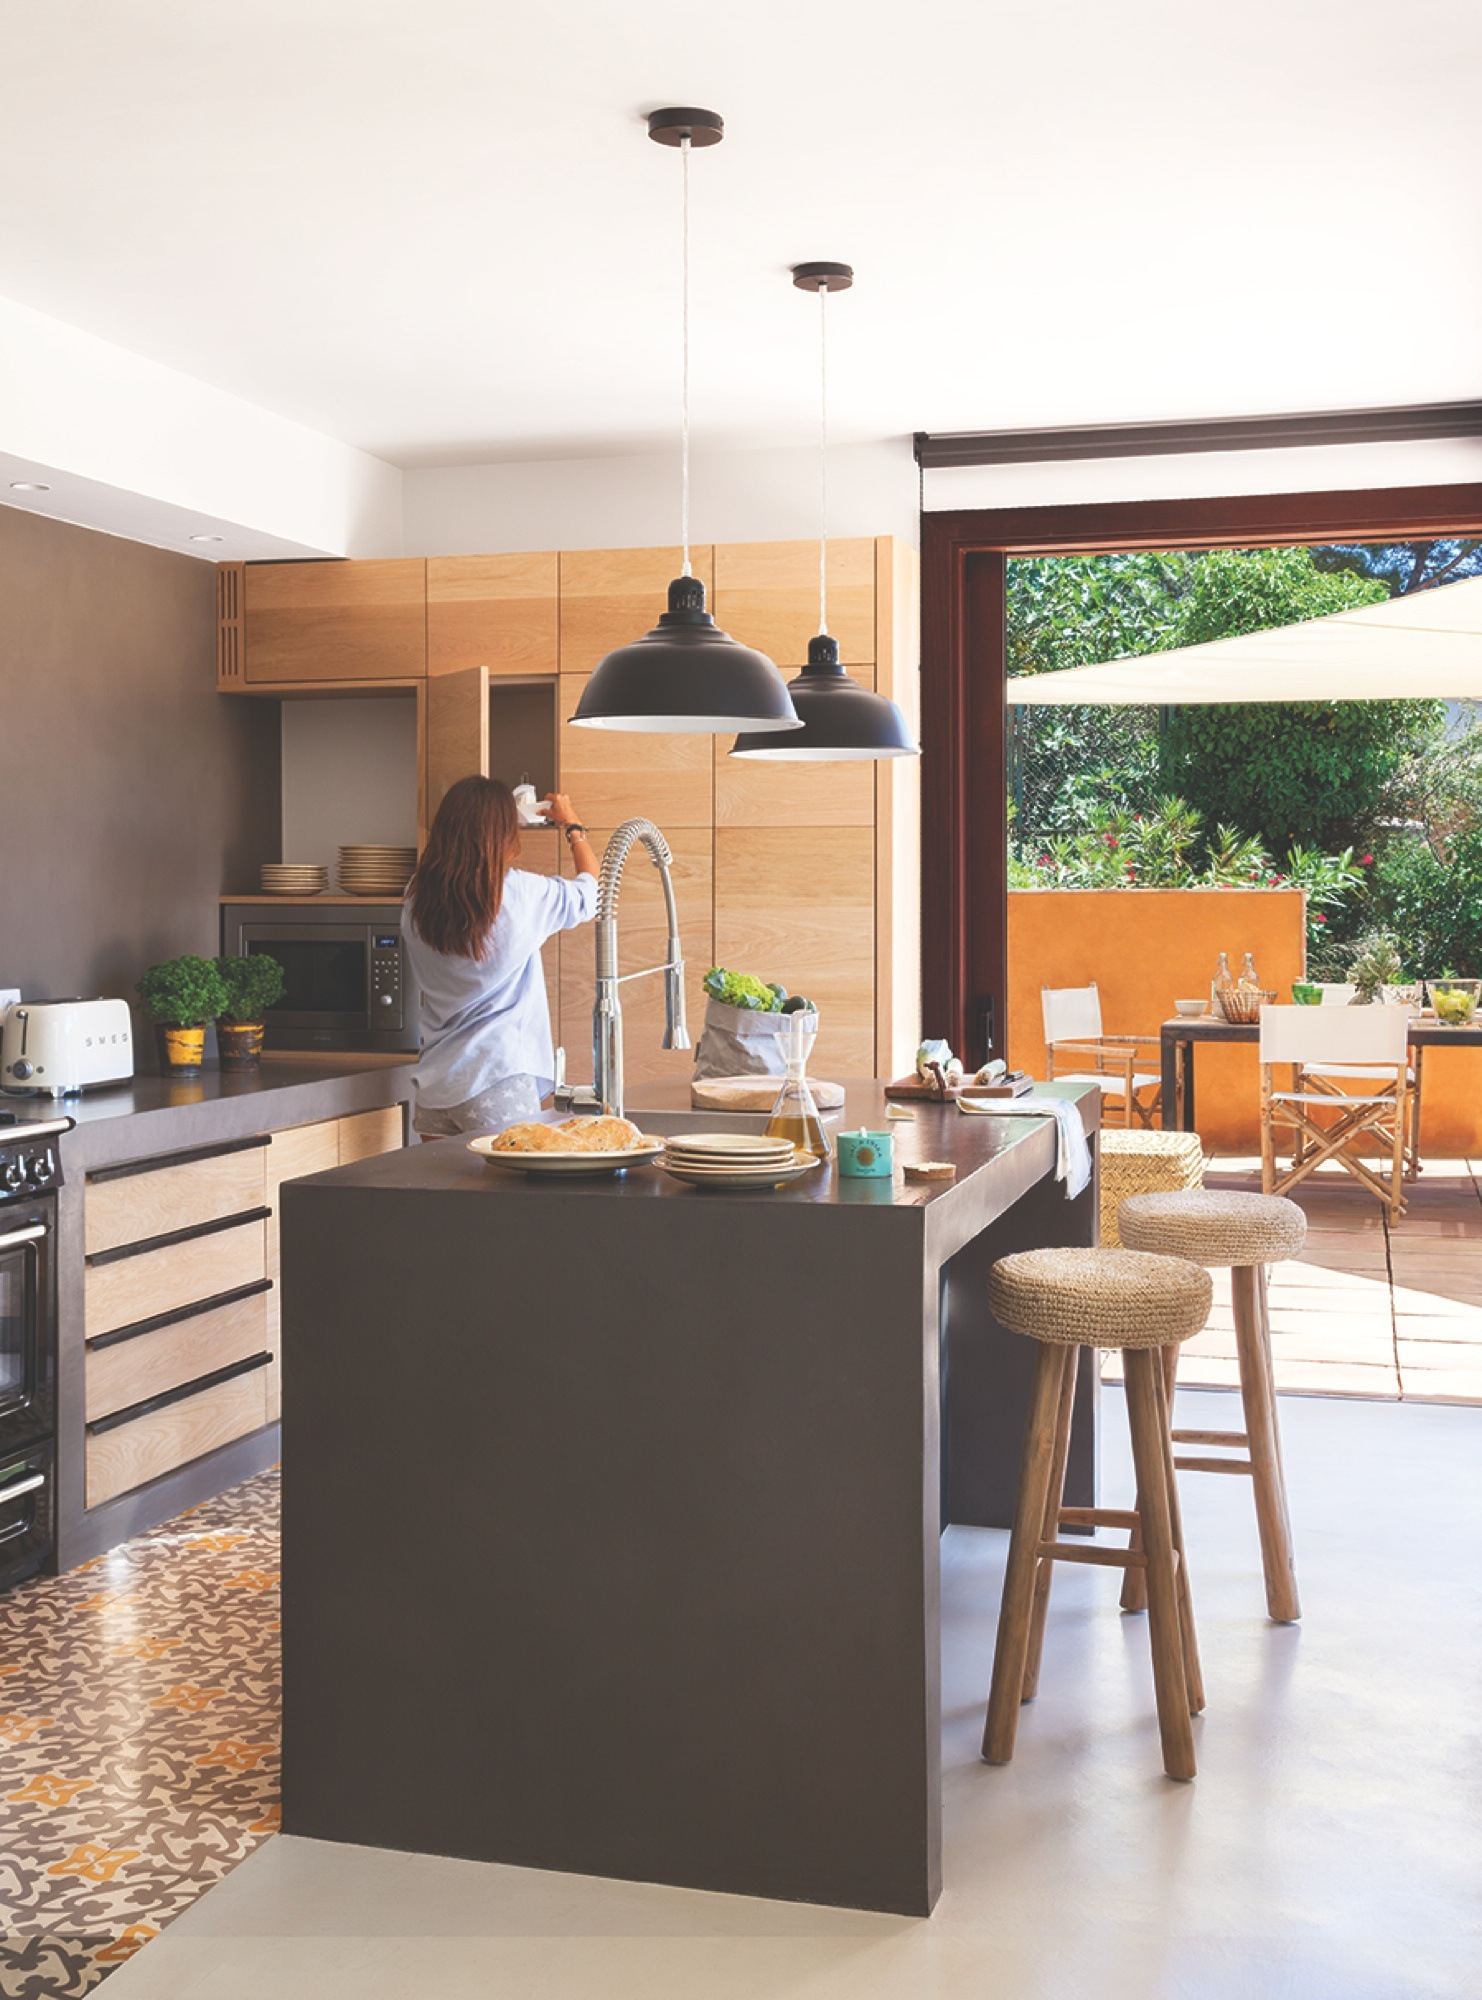 Cocina suelo gris top perfect ejemplo de cocina comedor for Cocina comedor en l